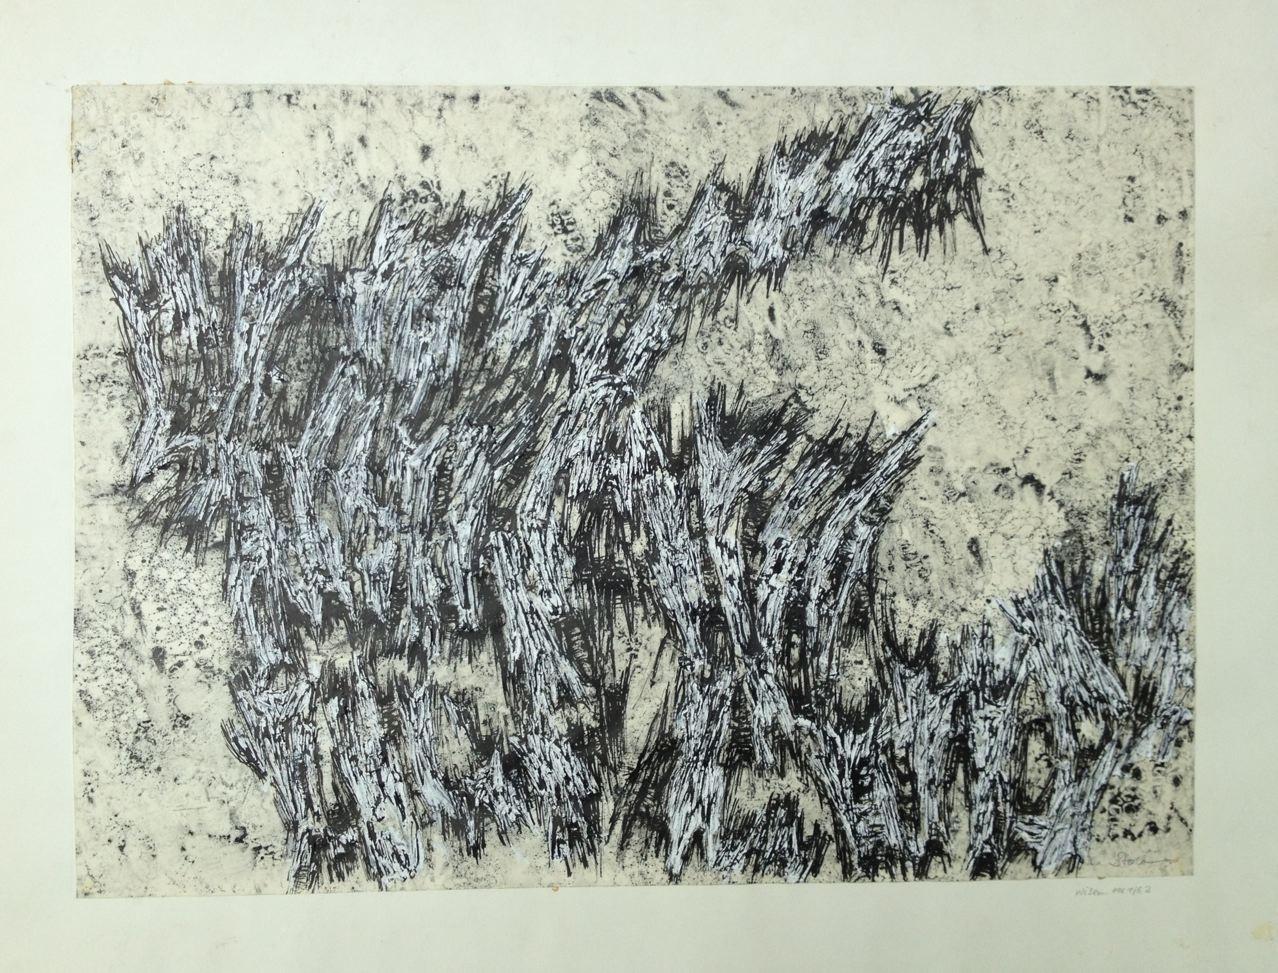 Ohne Titel, Mischtechnik auf Papier, 45x 62 cm, 1961/1962 (#765)